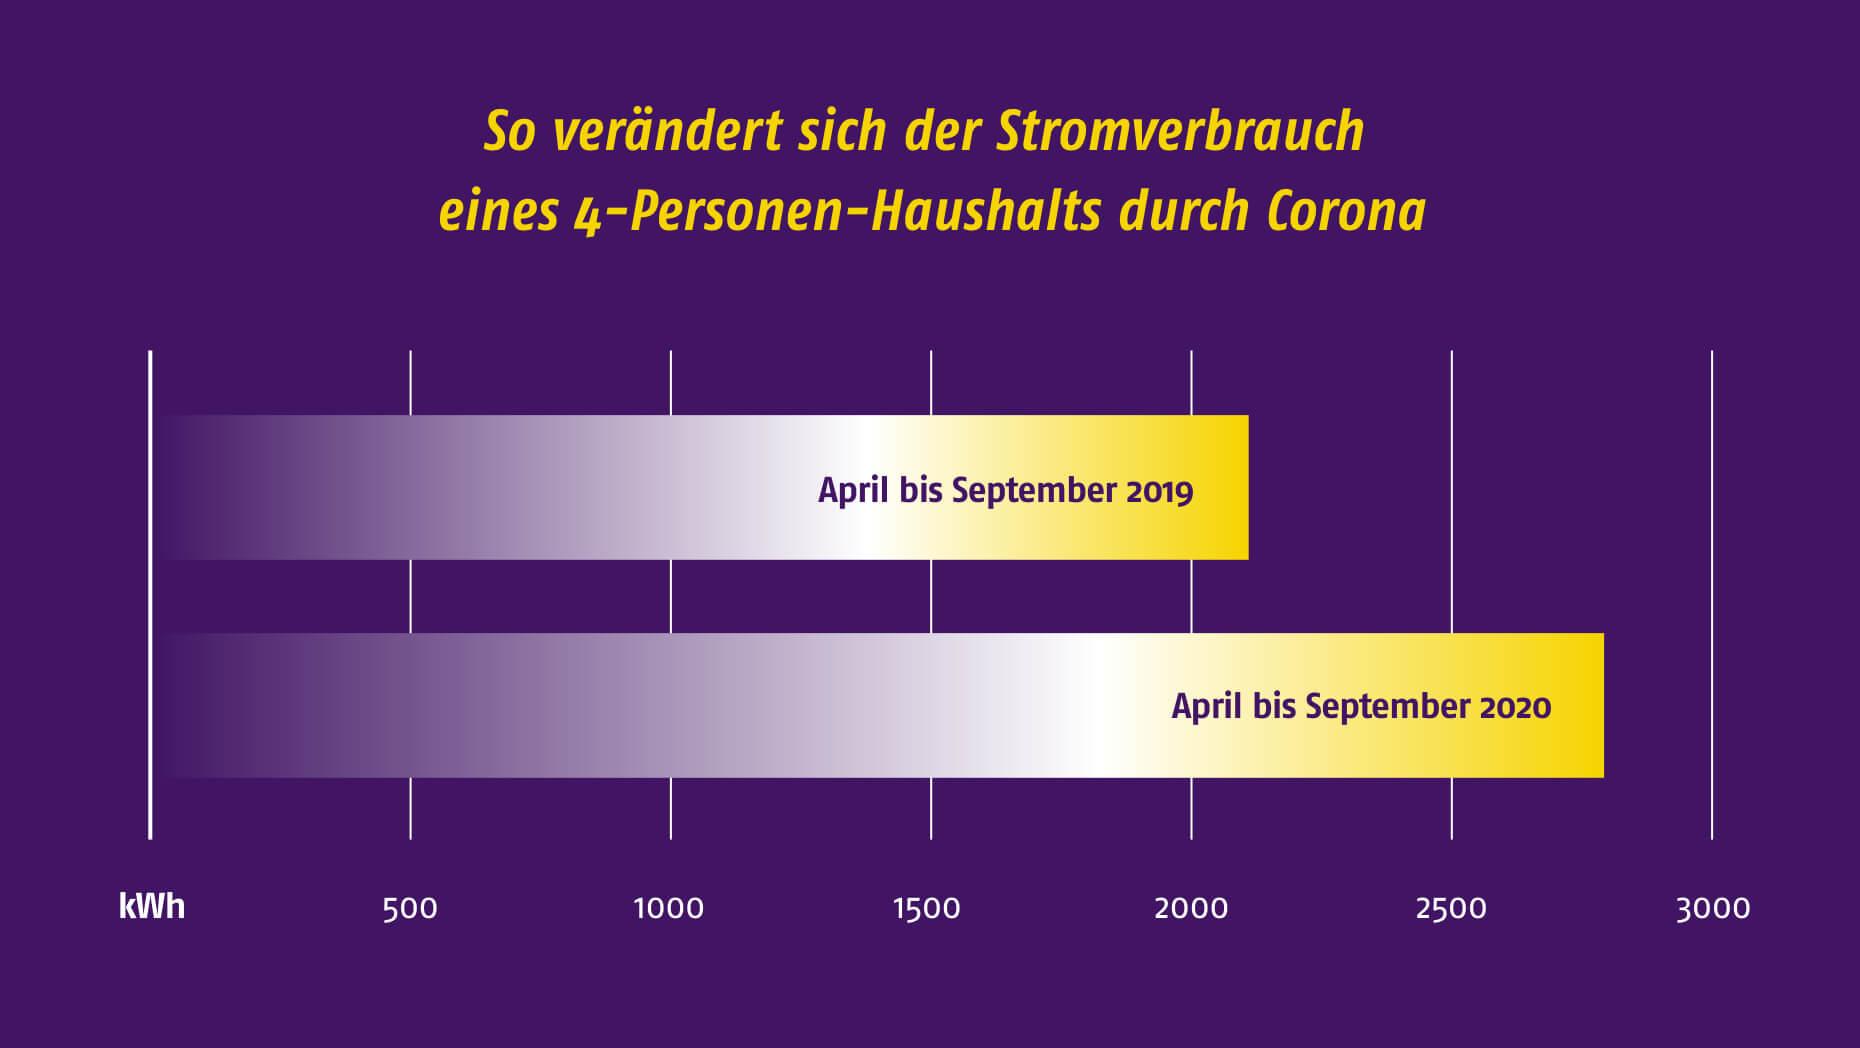 Höherer Stromverbrauch durch Corona - Entwicklung eines 4-Personen-Musterhaushalts